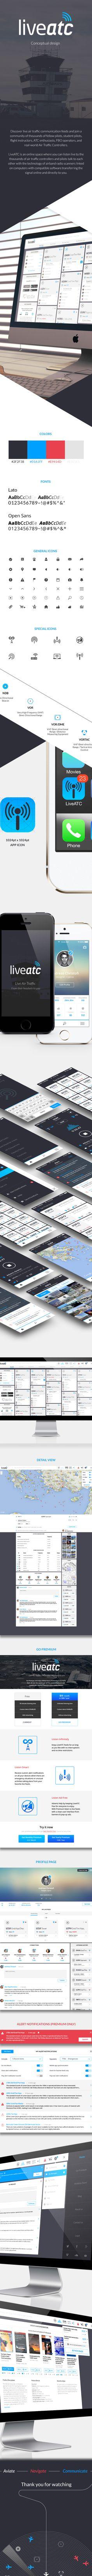 LiveATC - design concept